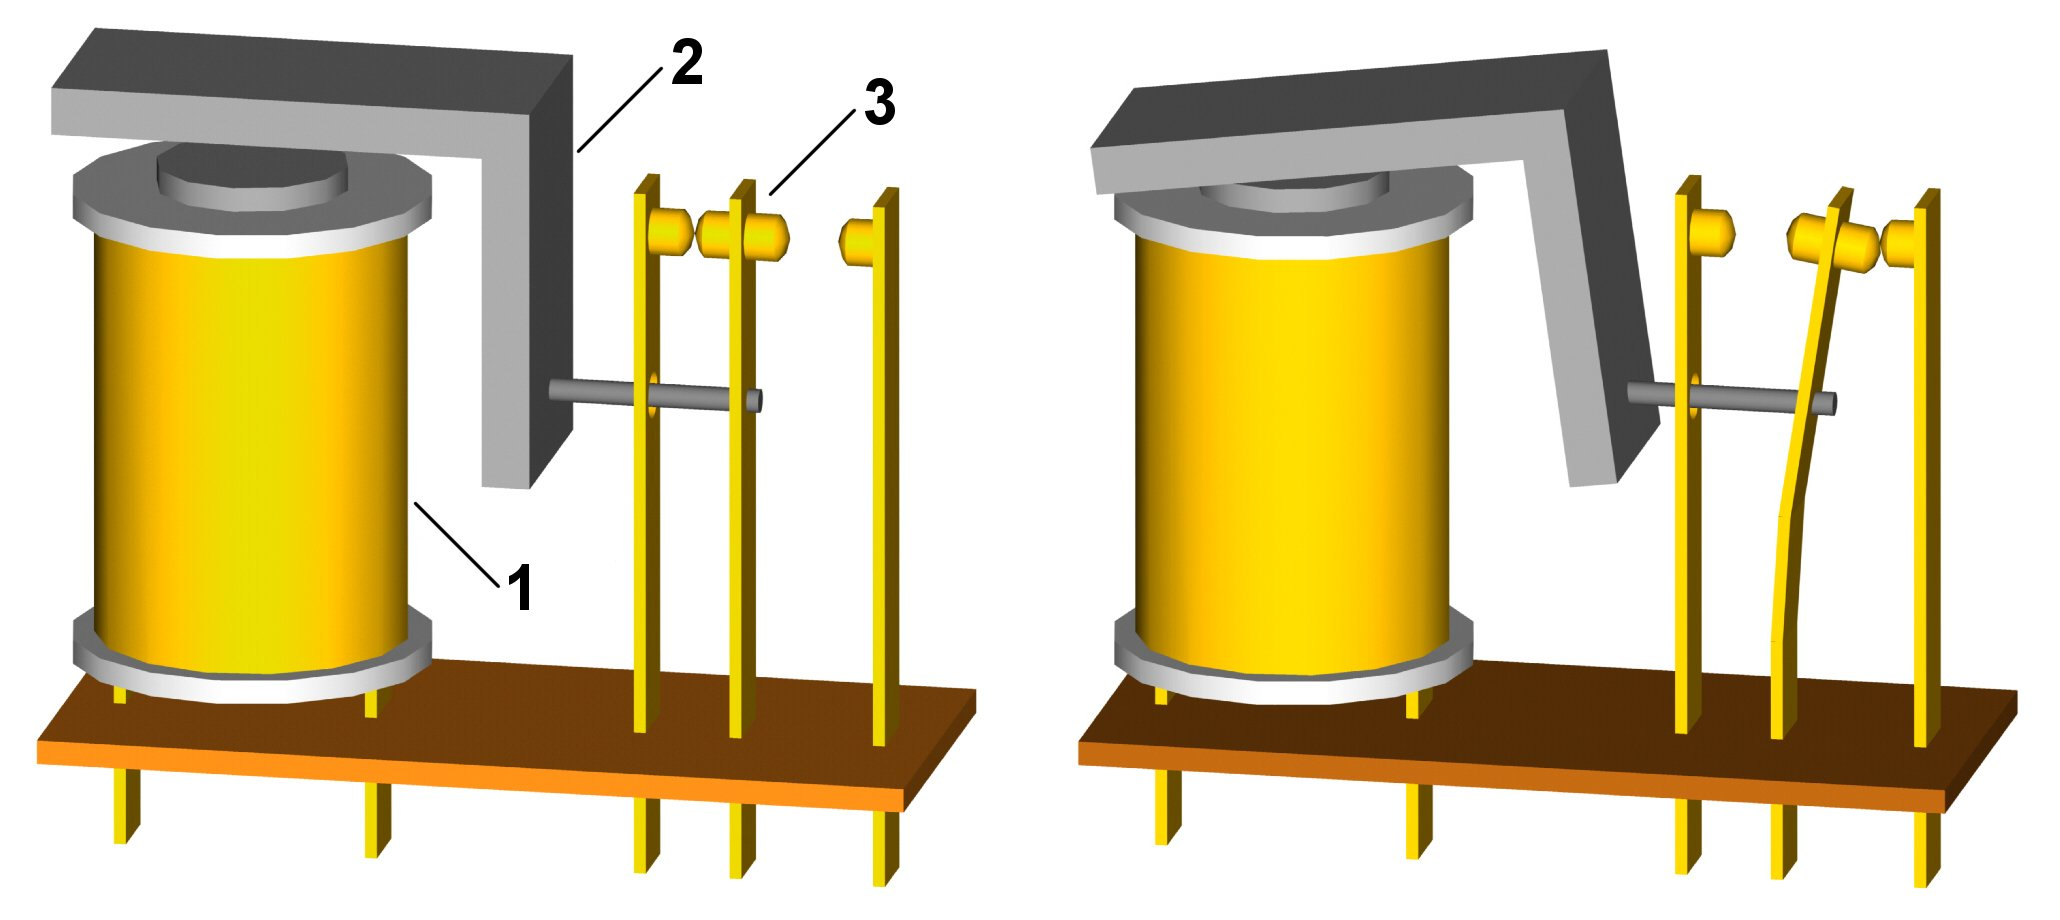 Schema Elettrico Per Collegare Un Relè : Piccoli passi per una casa domotica con arduino controllo vocale